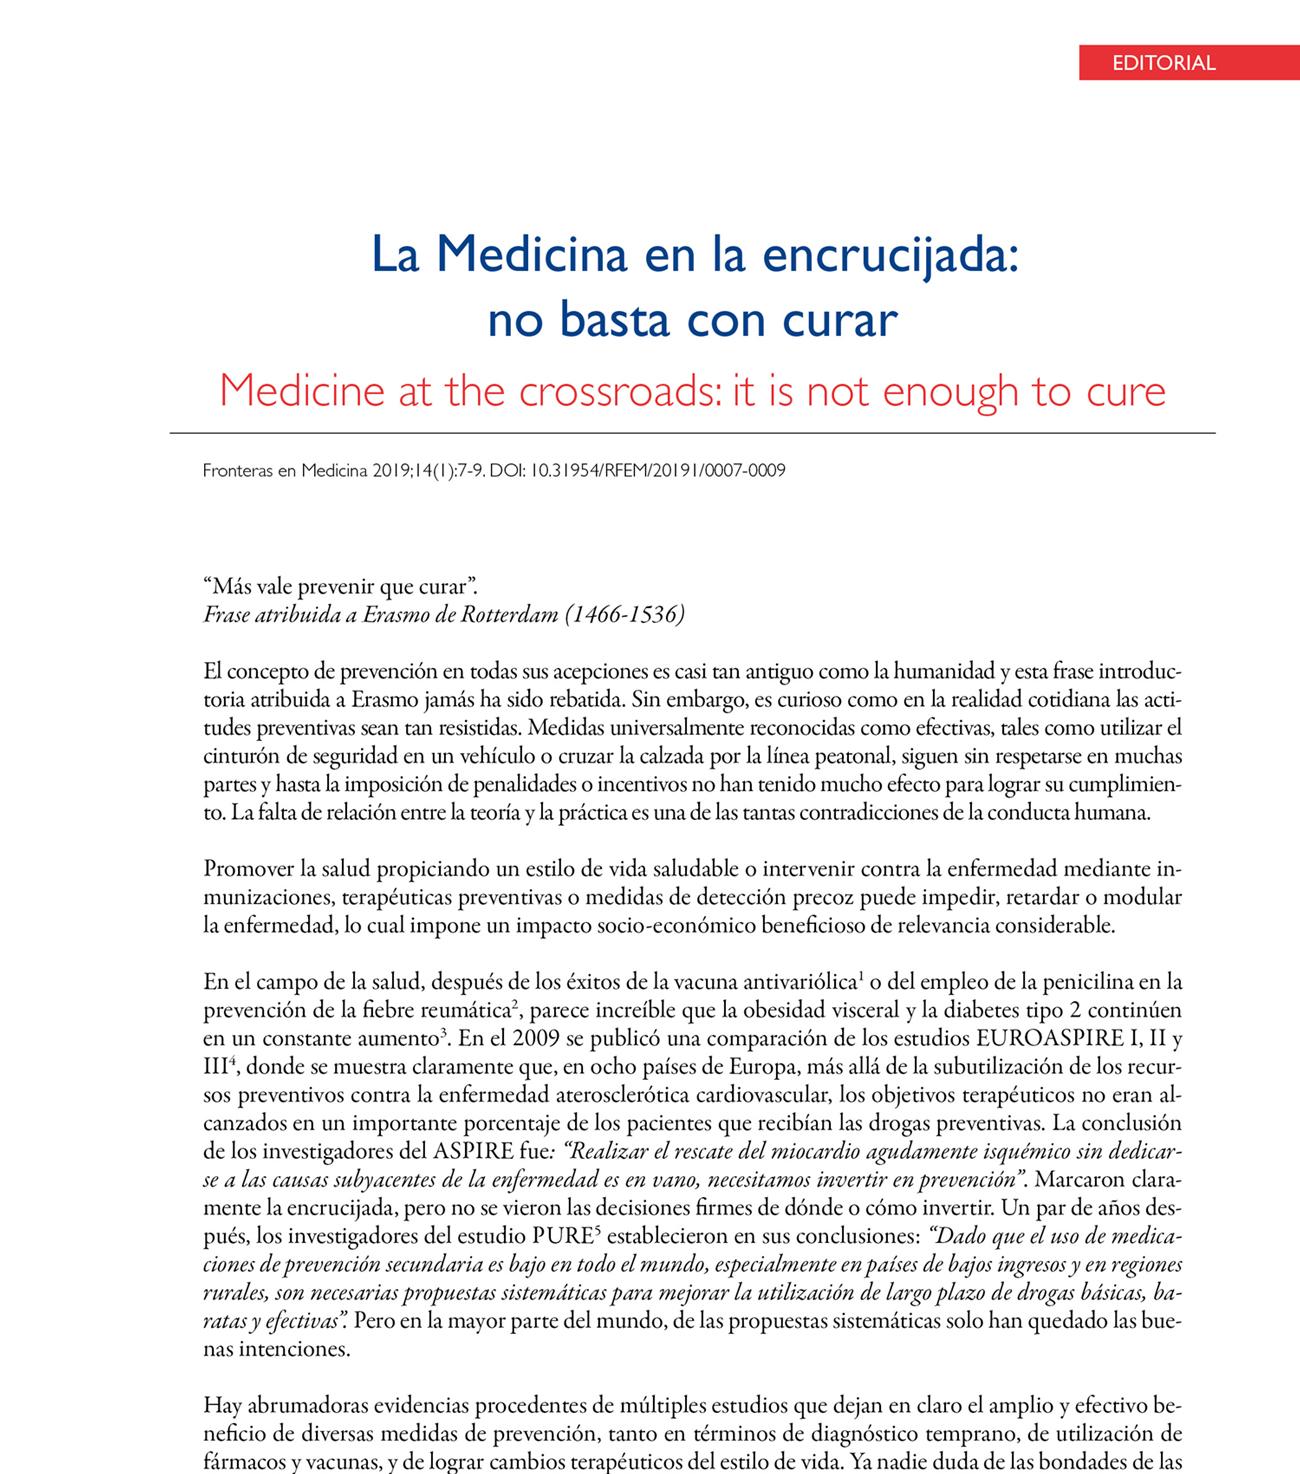 La Medicina en la encrucijada: no basta con curar